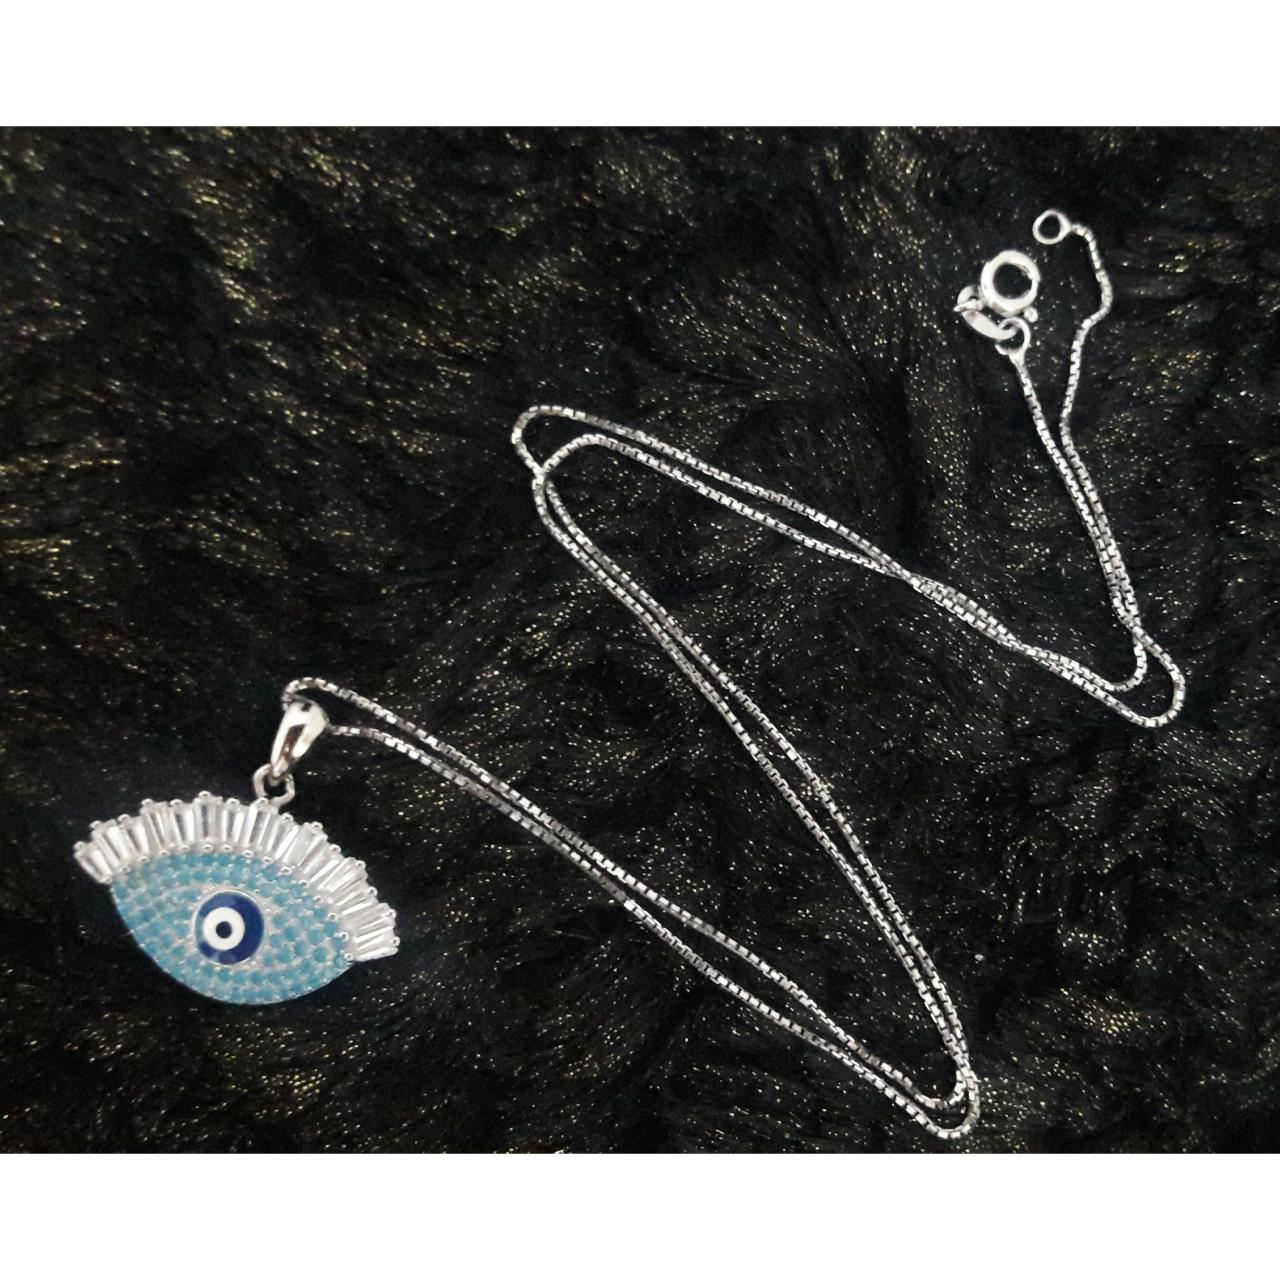 گردنبند نقره زنانه طرح چشم نظر کد 036